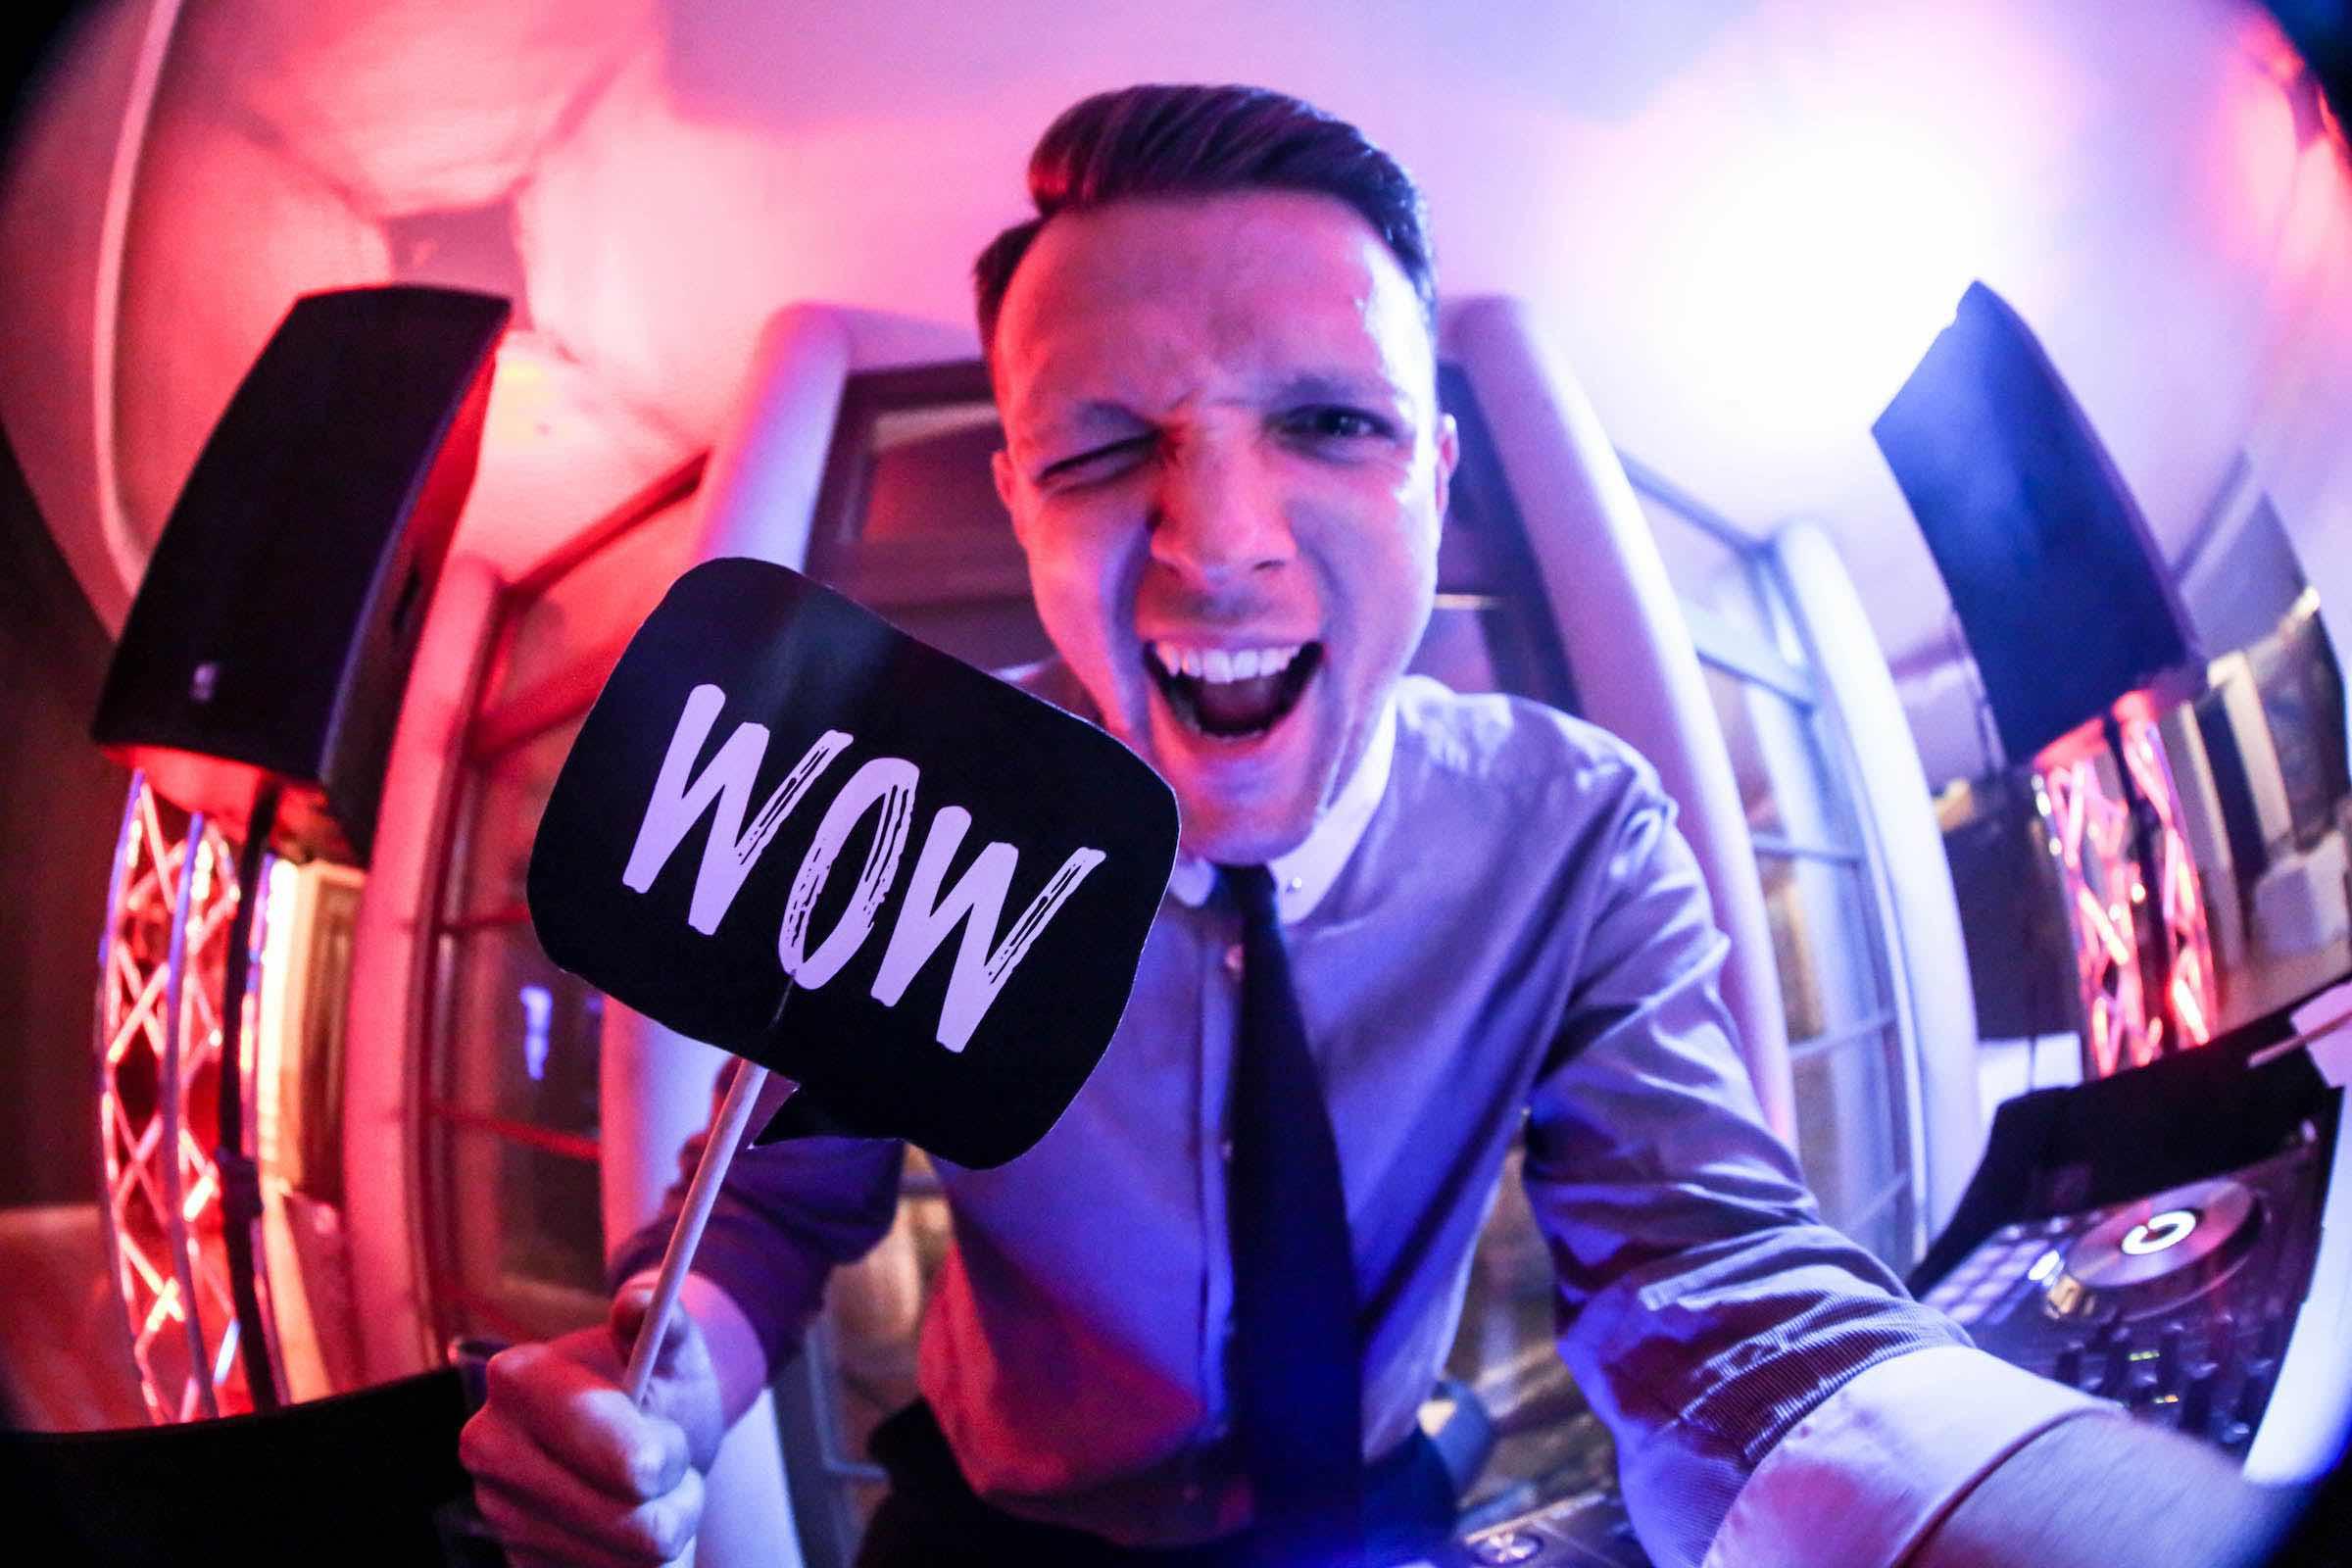 DJ | Hochzeit | Hamburg | Discjockey Messe | Event | DJ | Geburtstag | Betriebsfeier | Buchen | Discjockey | Mieten | Anfragen | DJ | Timm | Lehmann | Eventservice